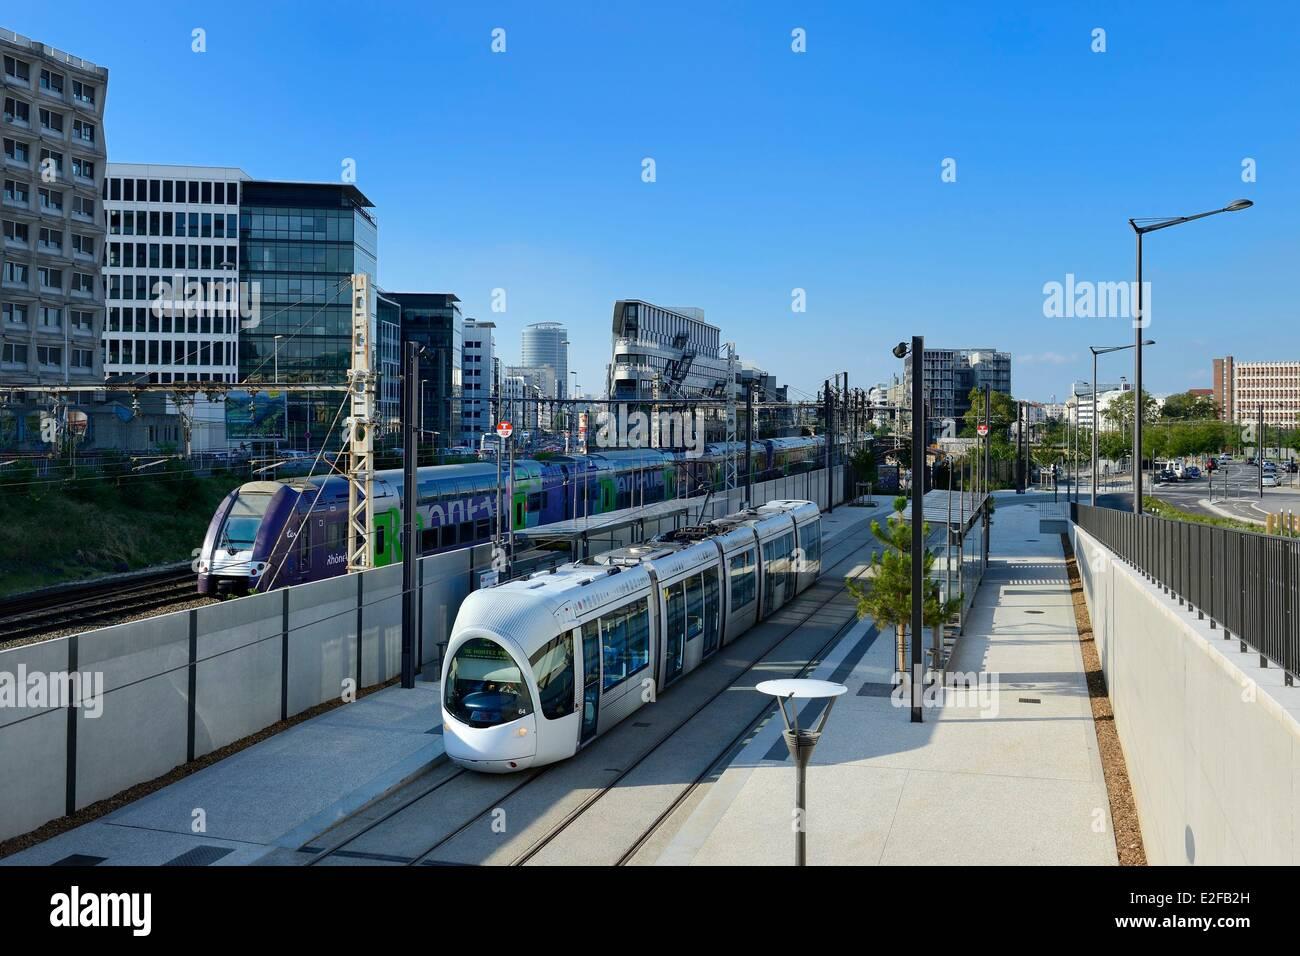 Francia, Ródano, Lyon, la fabricación - Montluc parada de tranvía de la línea 4 Imagen De Stock